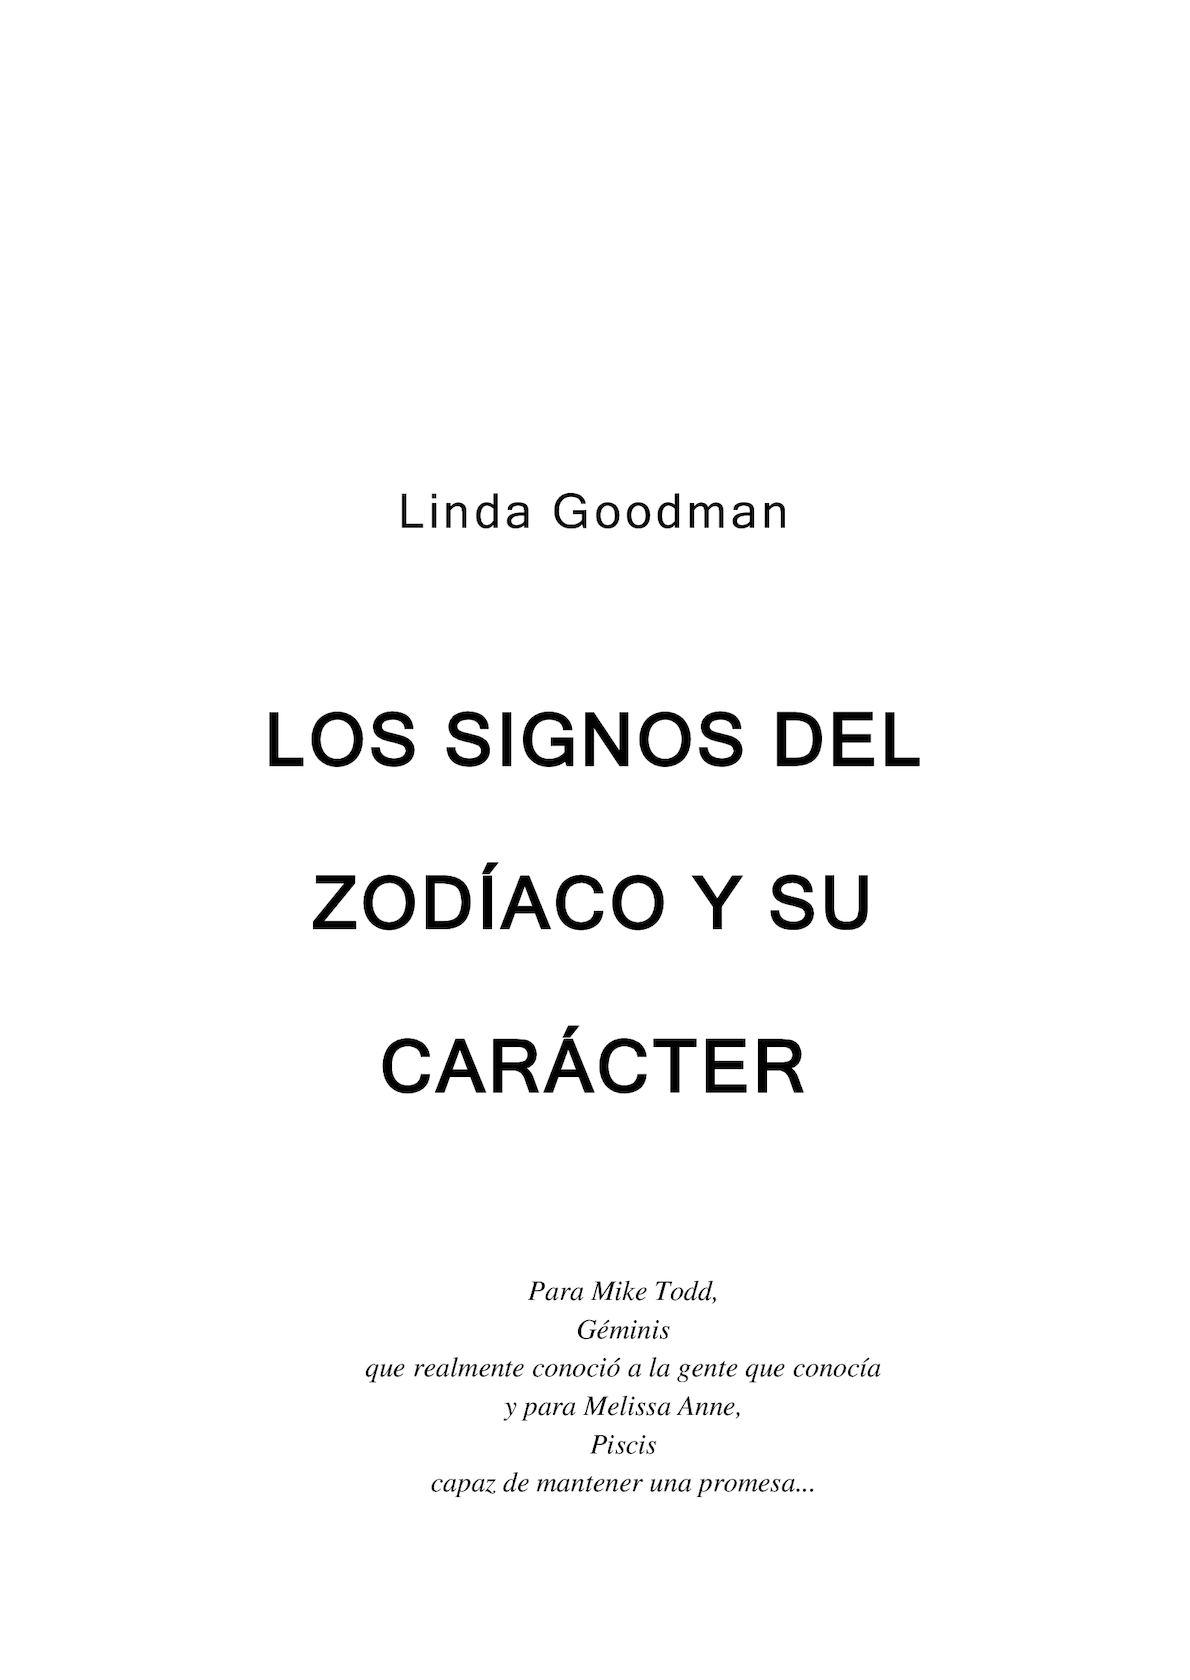 ae4829d0 Calaméo - Lindagoodman